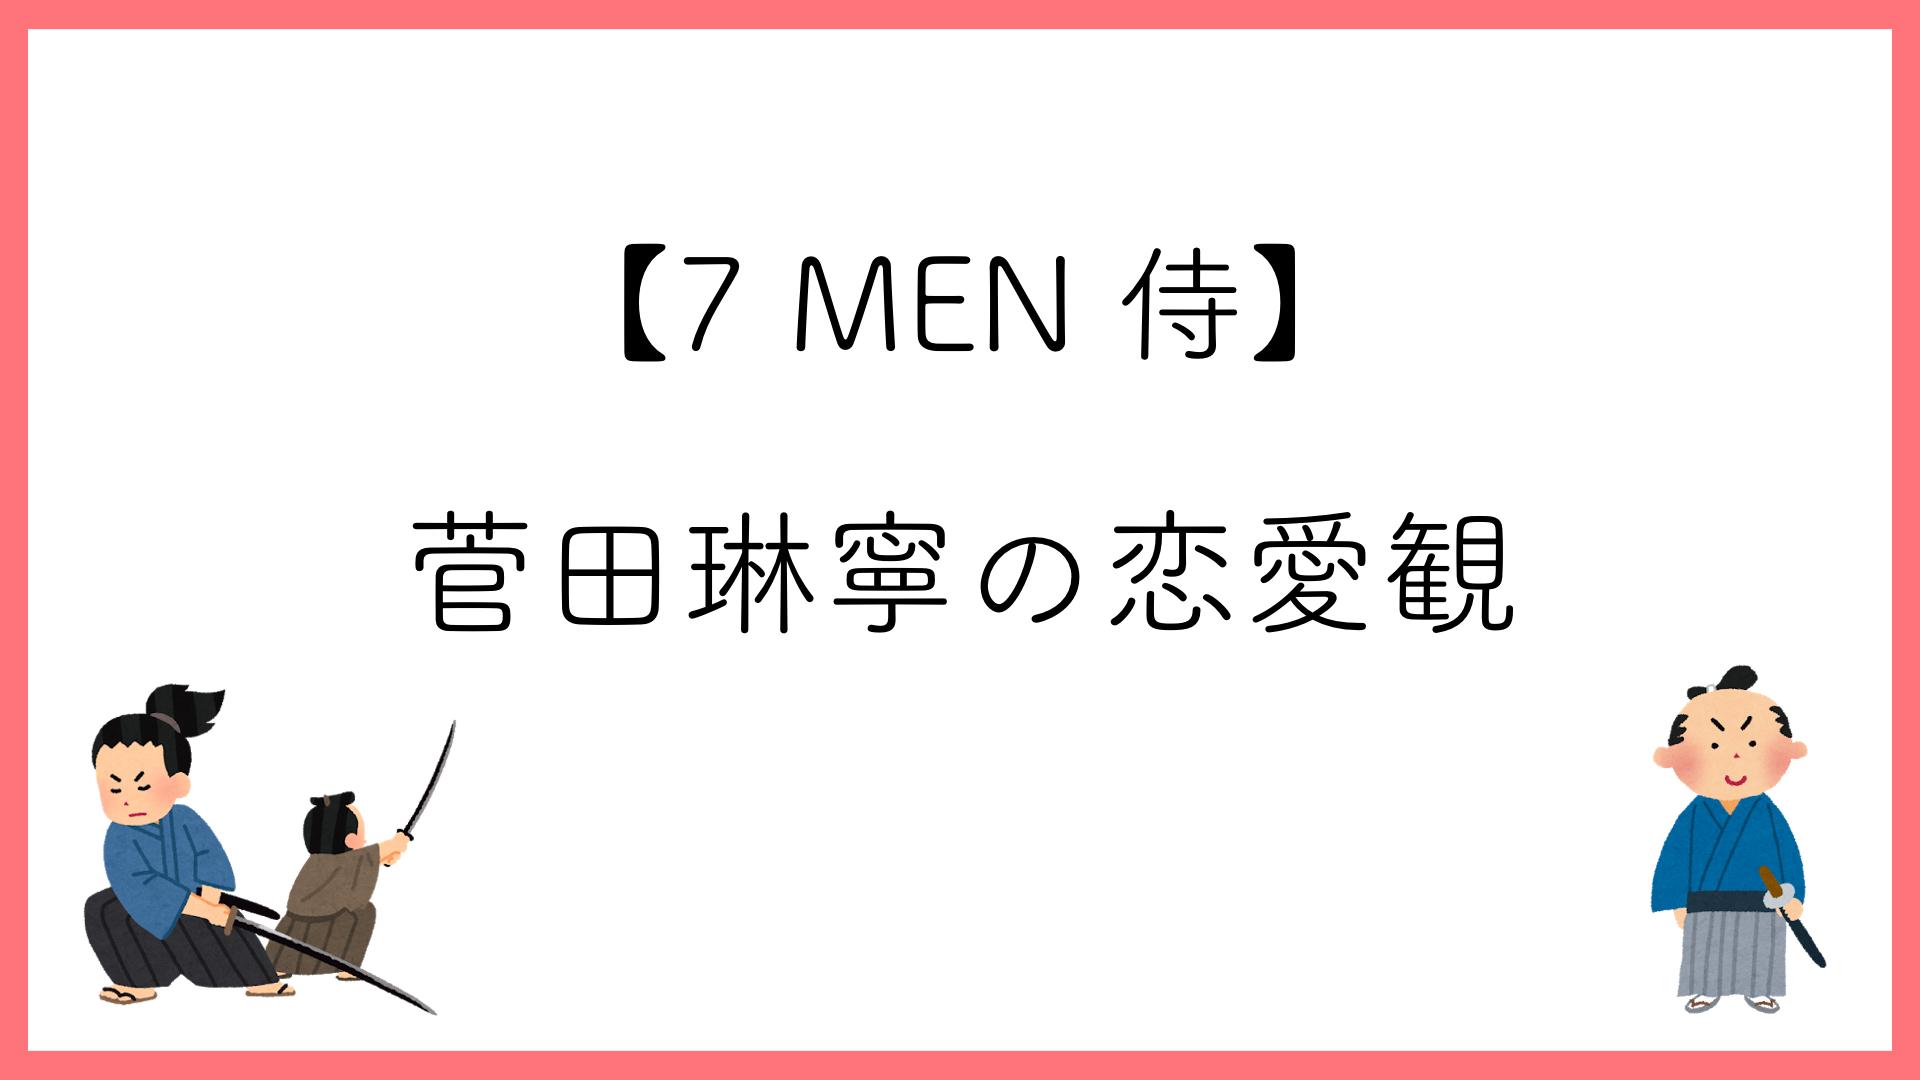 菅田琳寧(7 MEN 侍)の恋愛観【好きなタイプ】【好きな髪型】